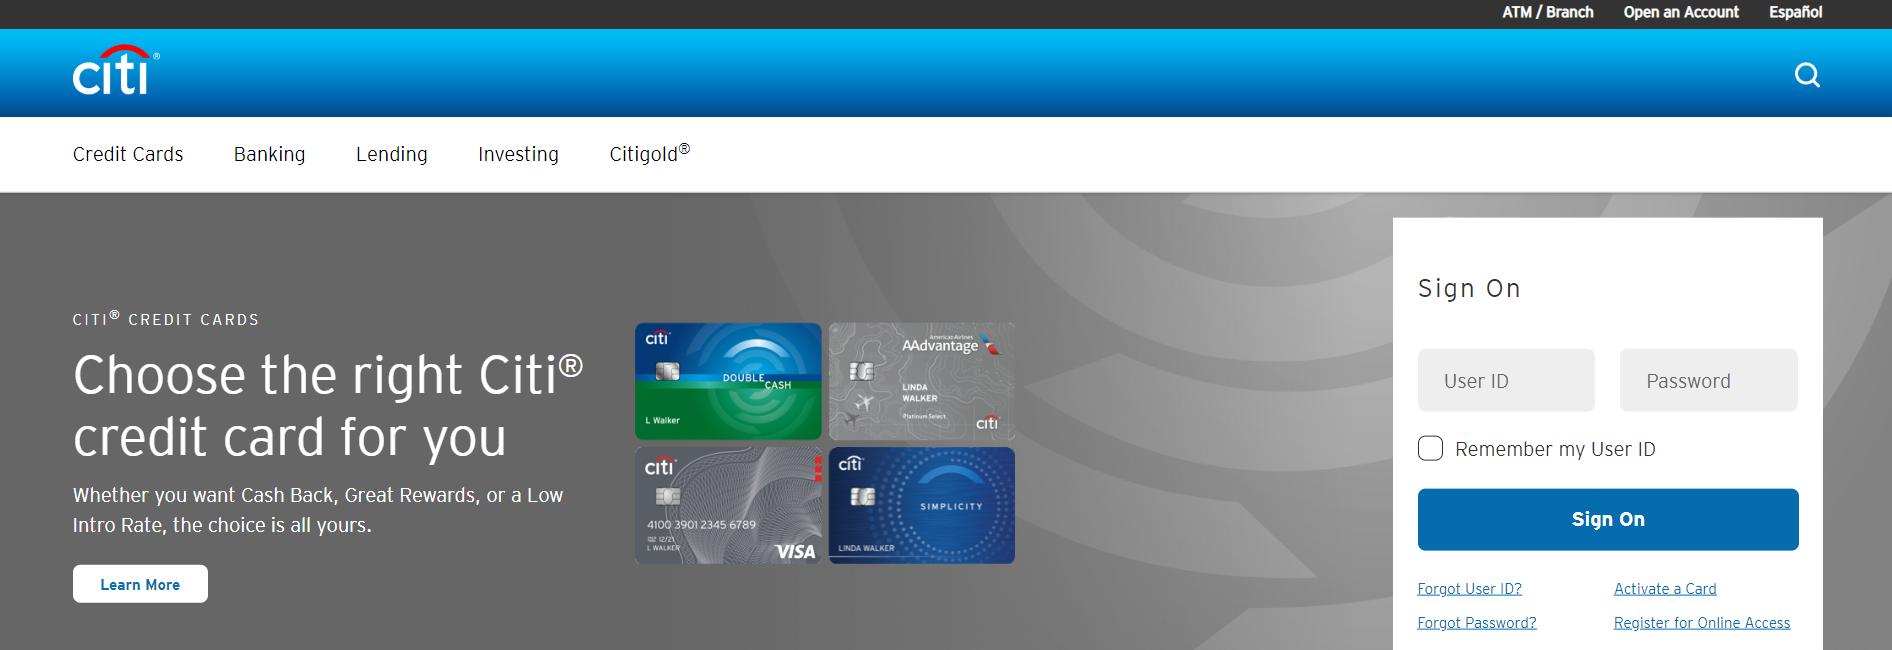 Login page of Citi Bank